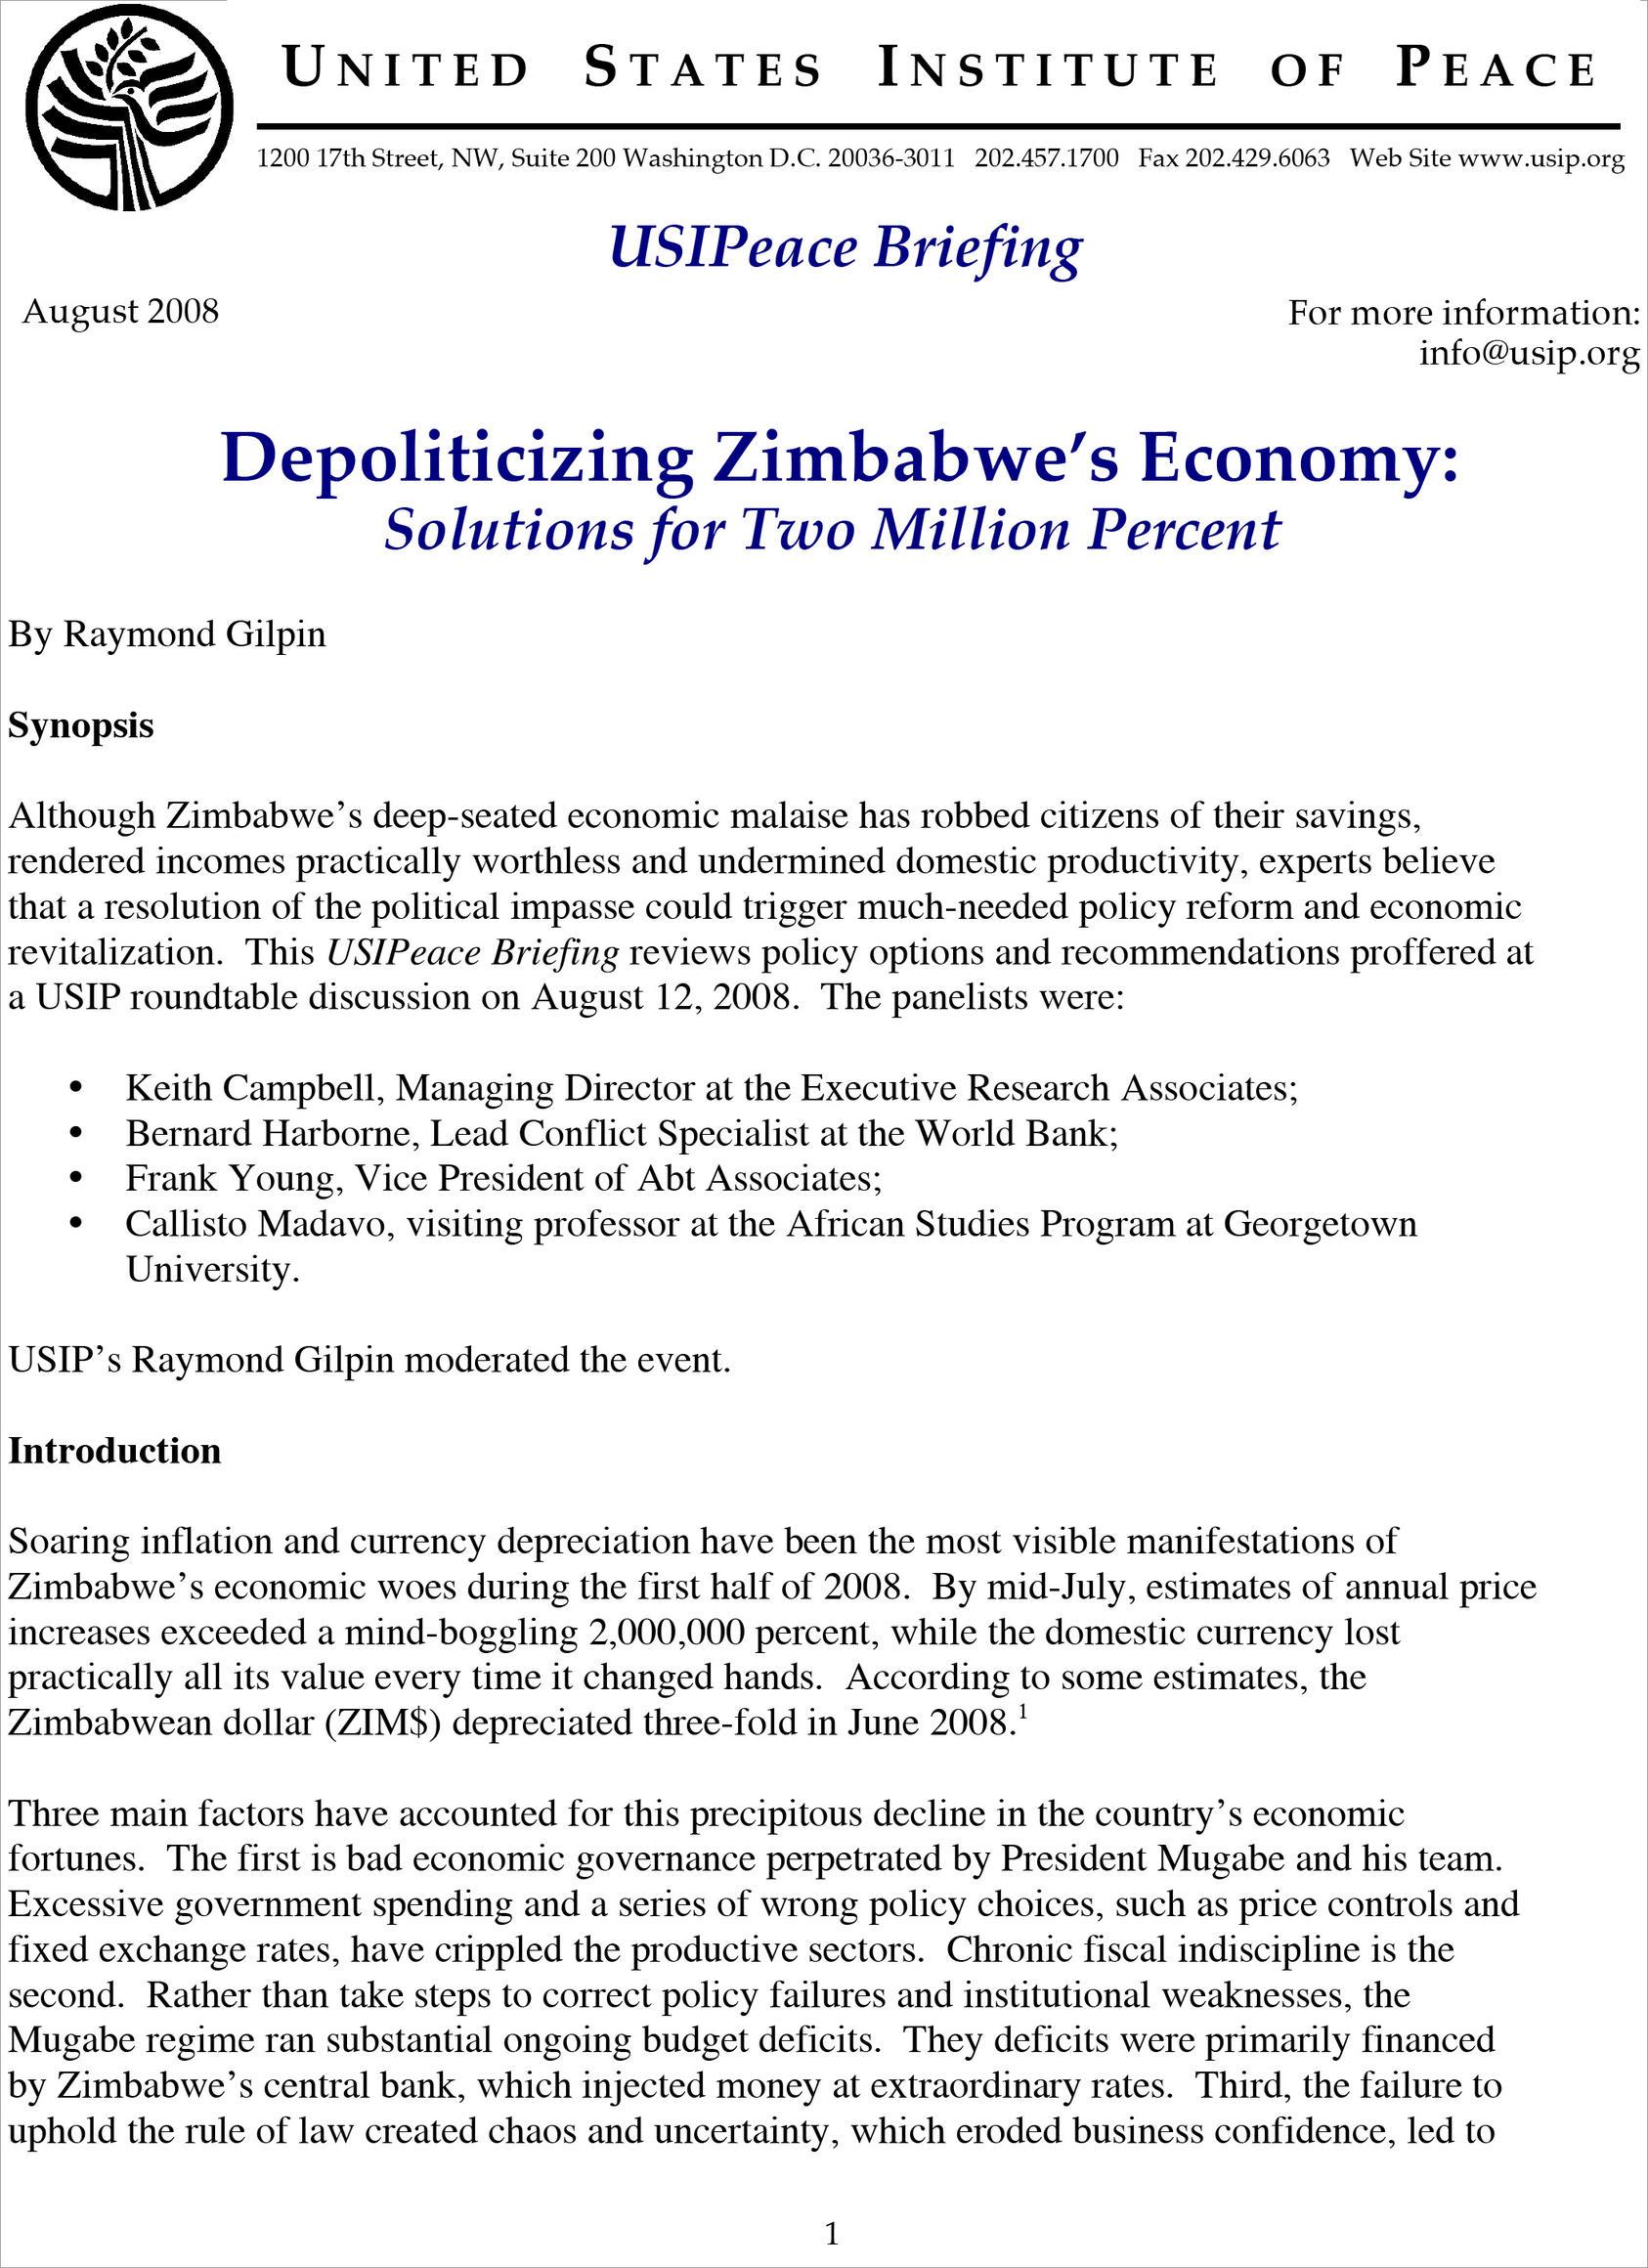 Depoliticizing Zimbabwe's Economy: Solutions for Two Million Percent